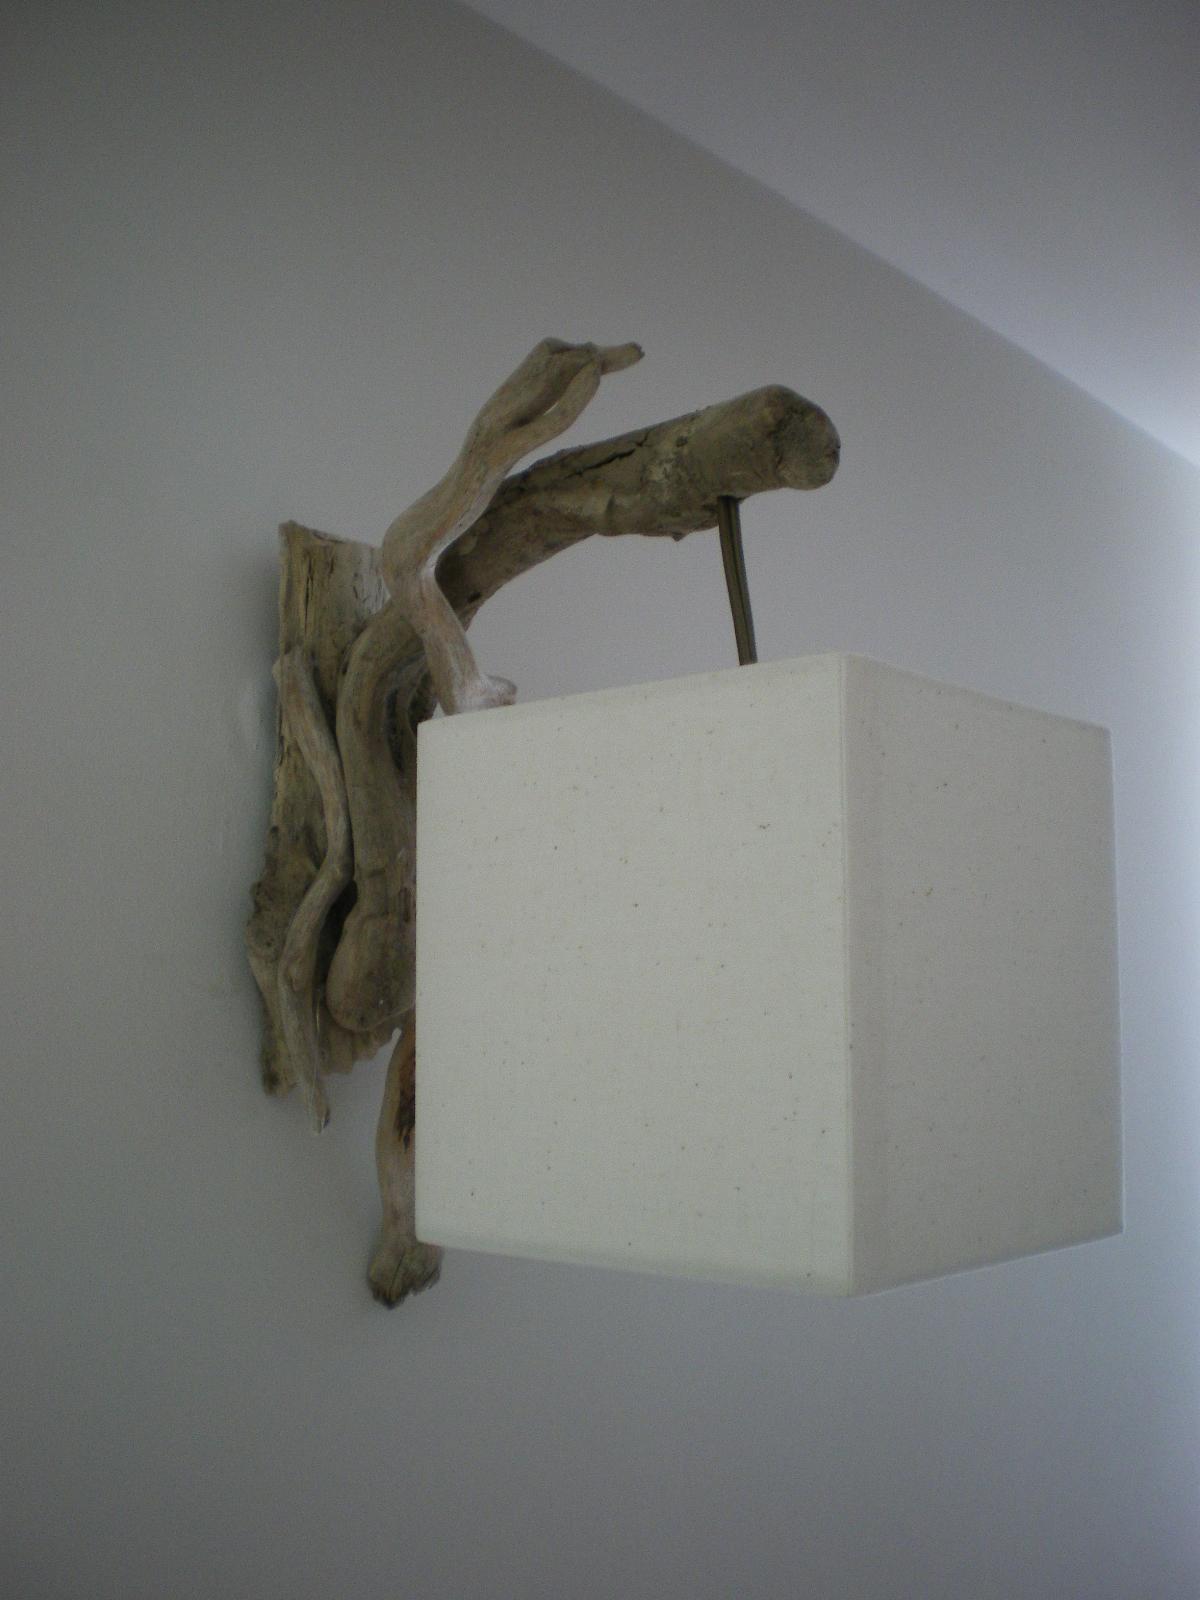 Emy cr a d co applique en bois flott for Appliques en bois flotte